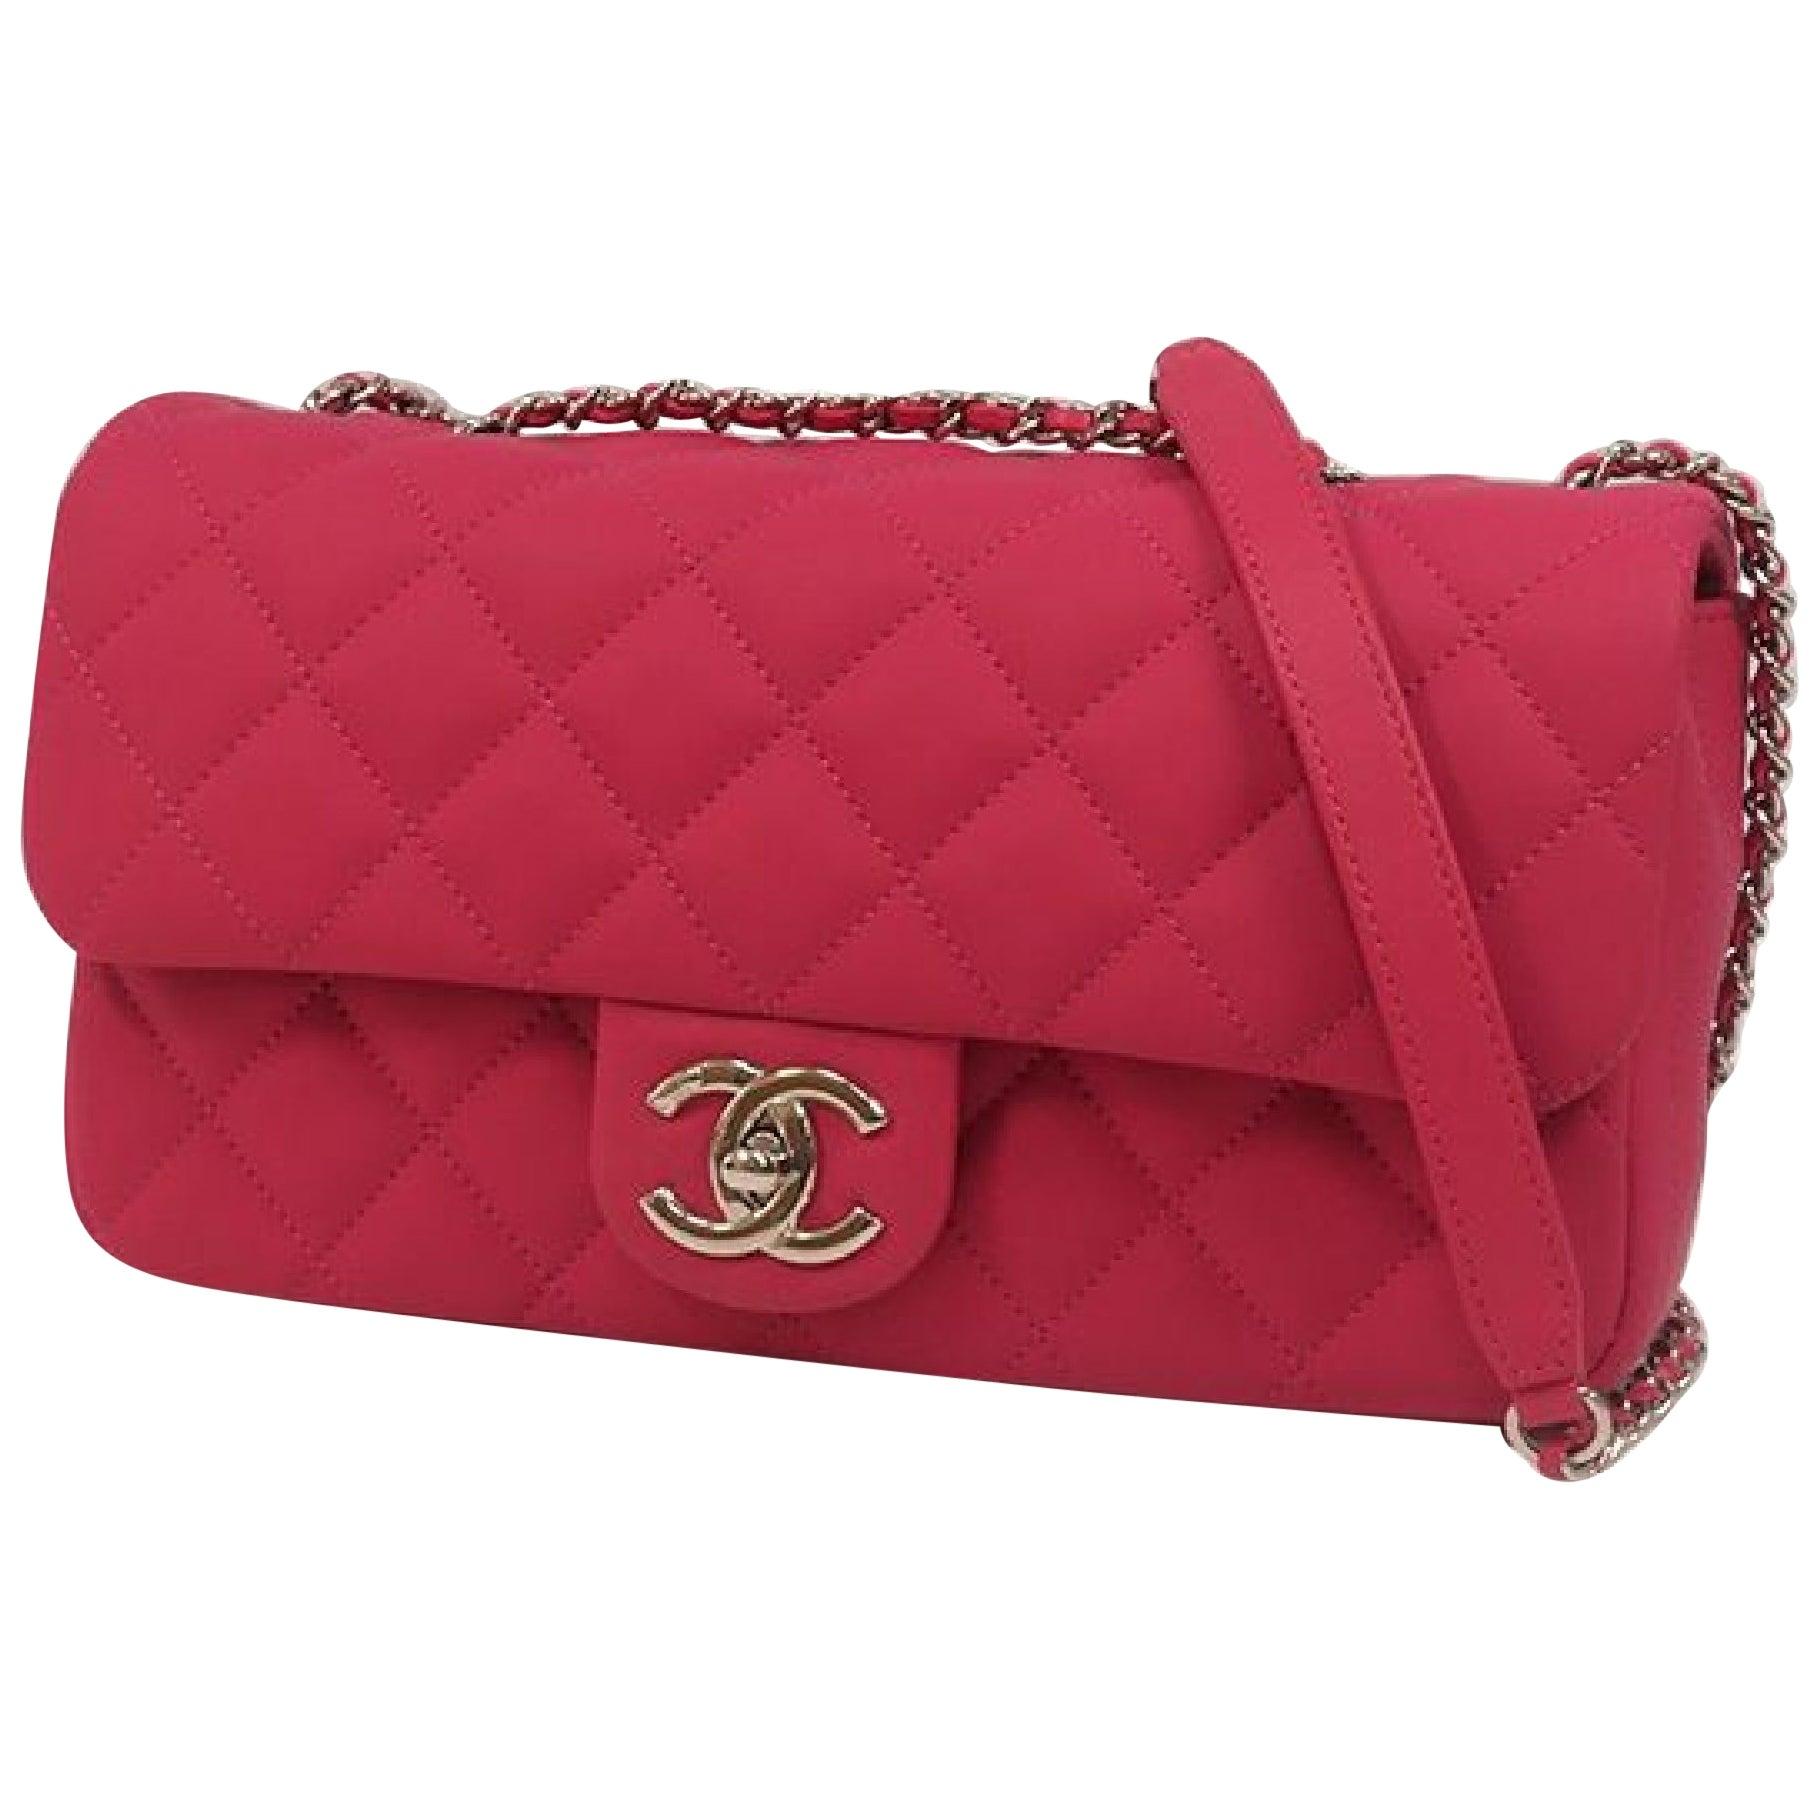 CHANEL matelasse chain shoulderー Womens shoulder bag pink x silver hardware